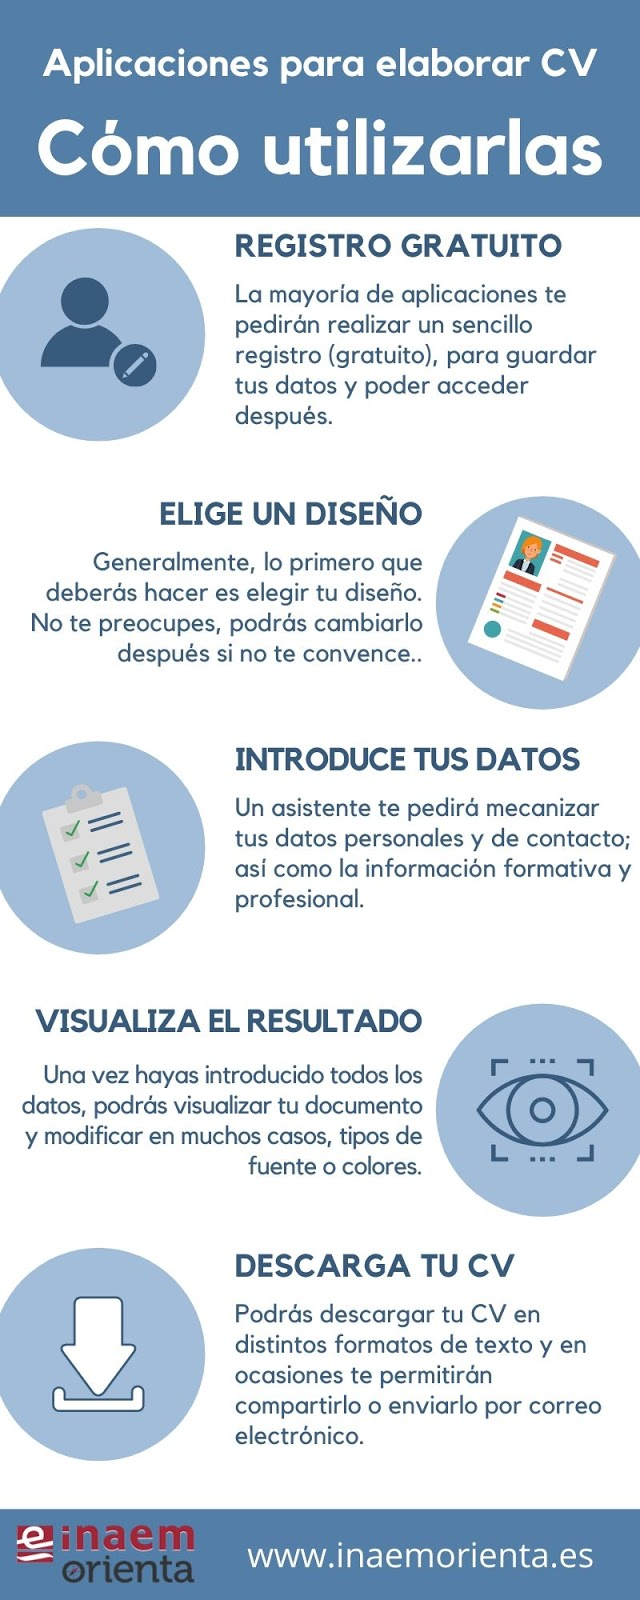 Infografía: Aplicaciones para elaborar CV on line